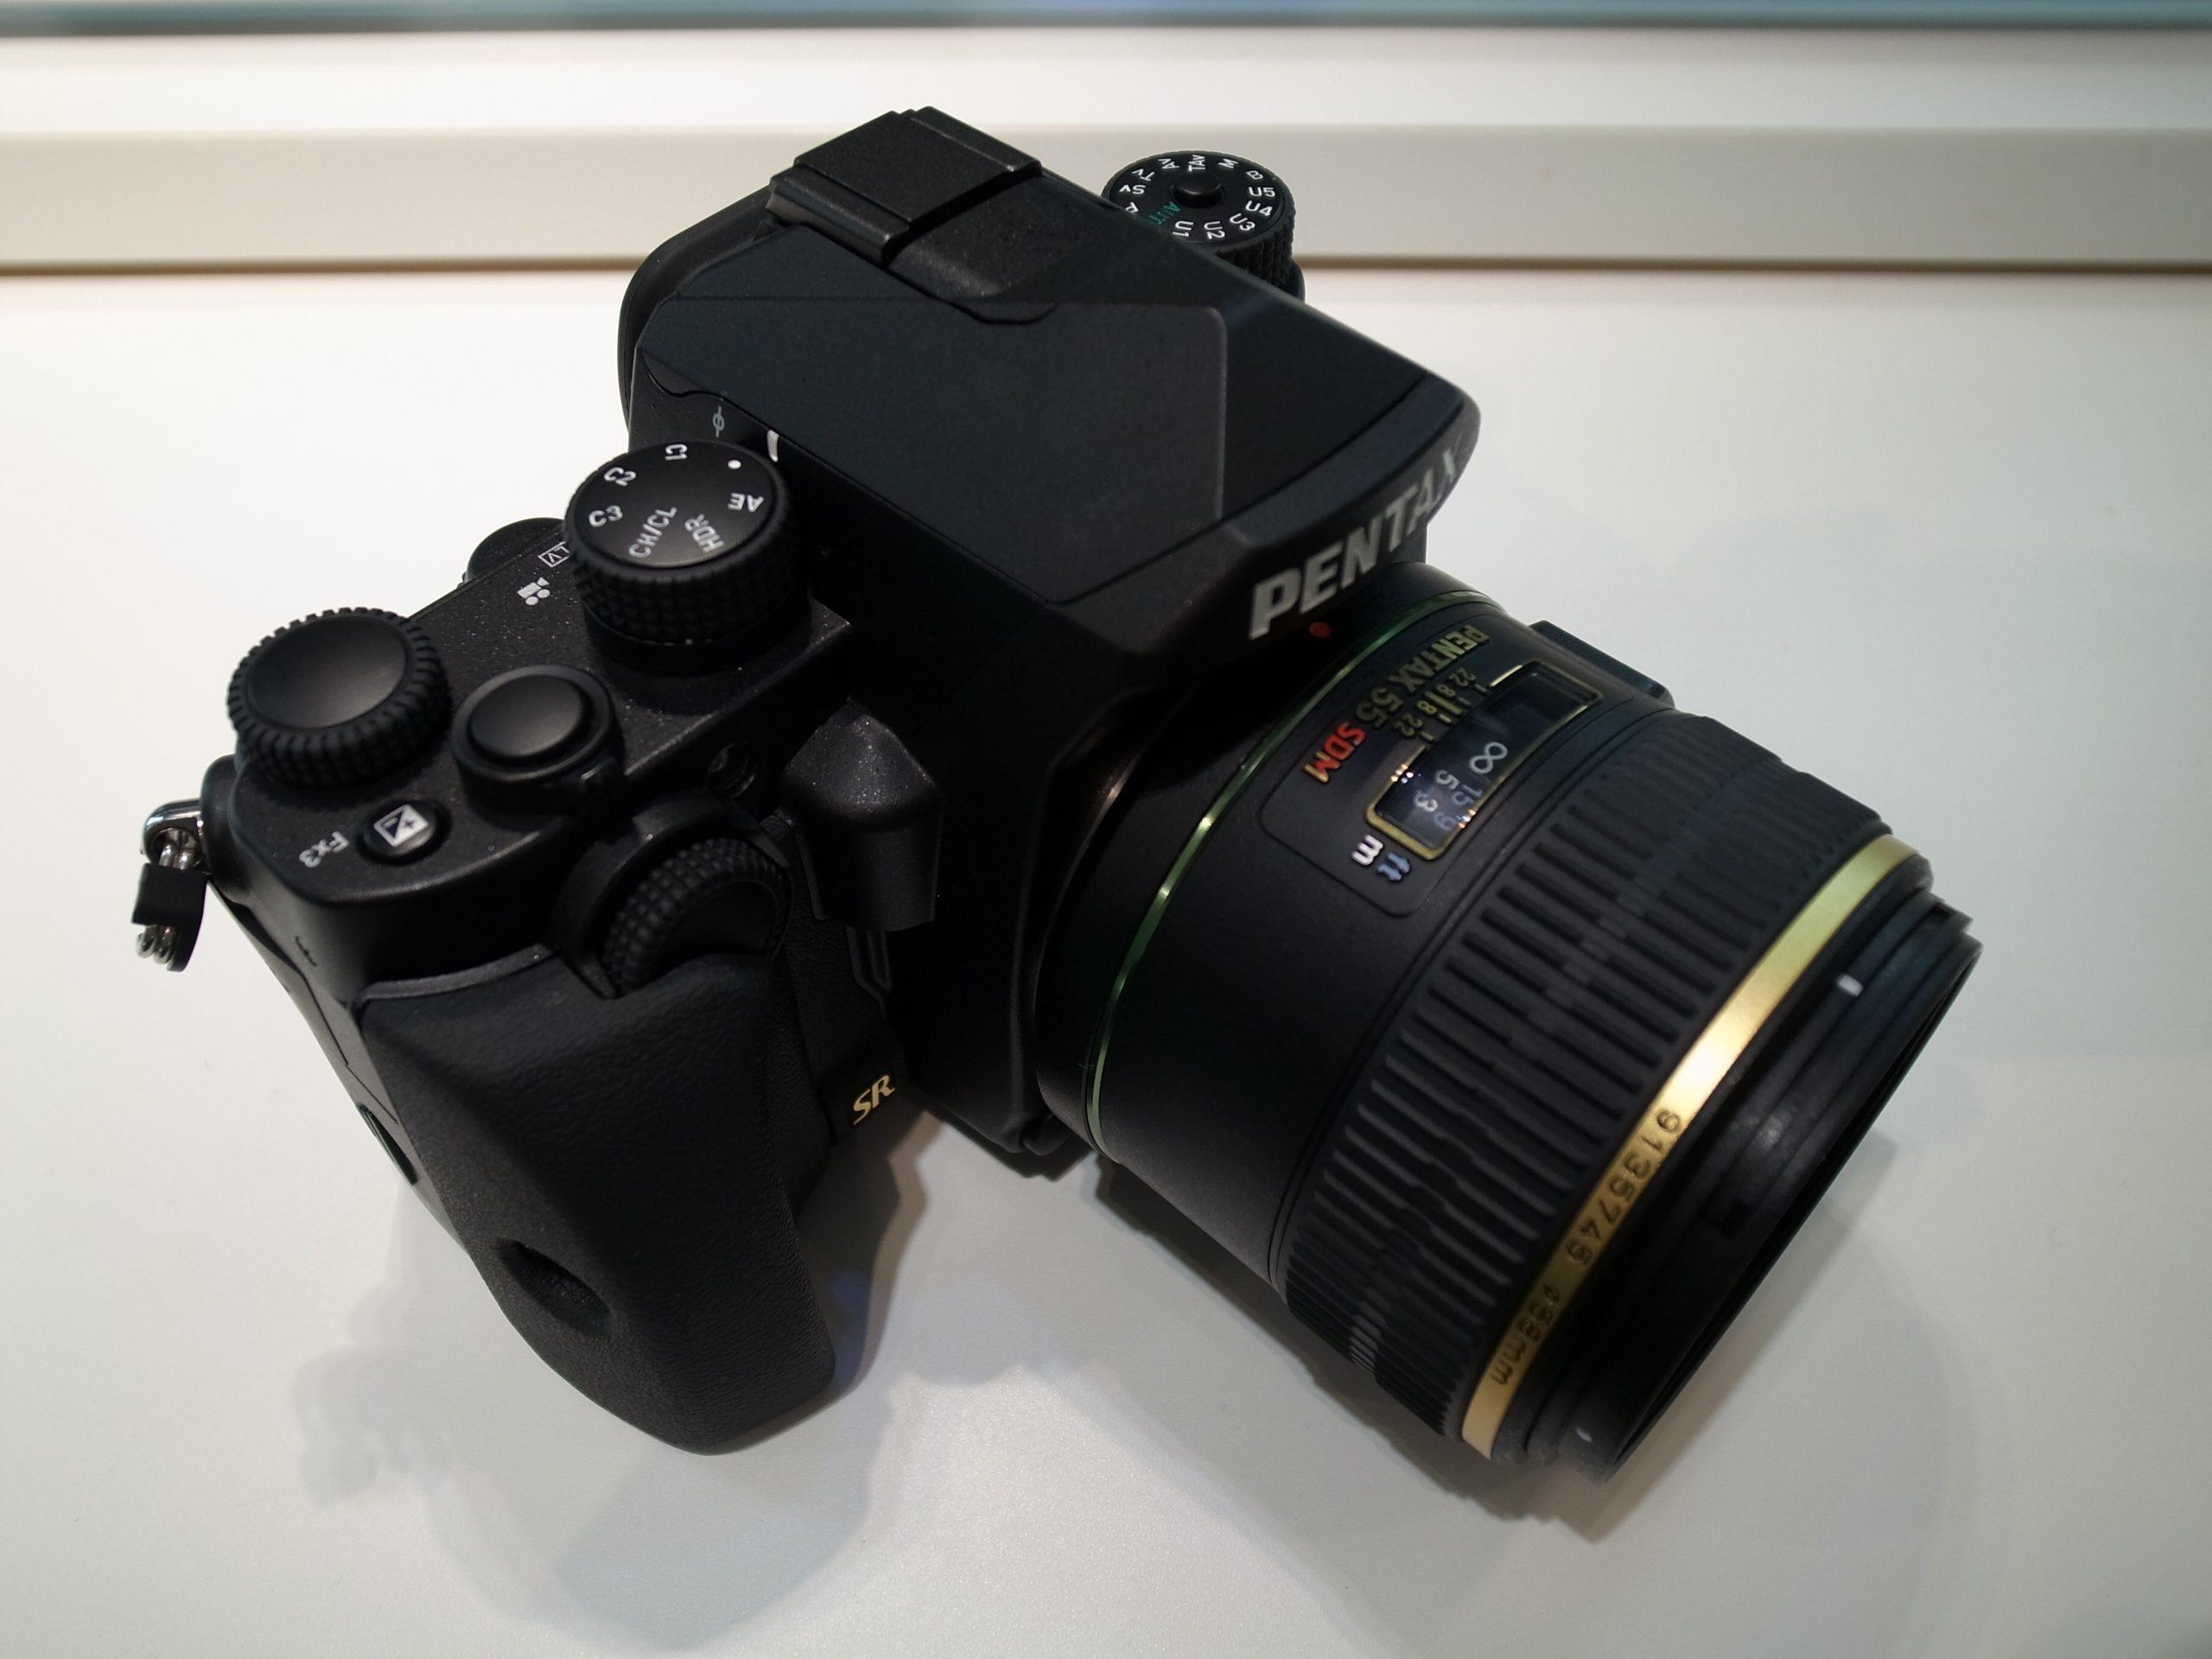 【好機到来】PENTAXの単焦点レンズが欲しい。